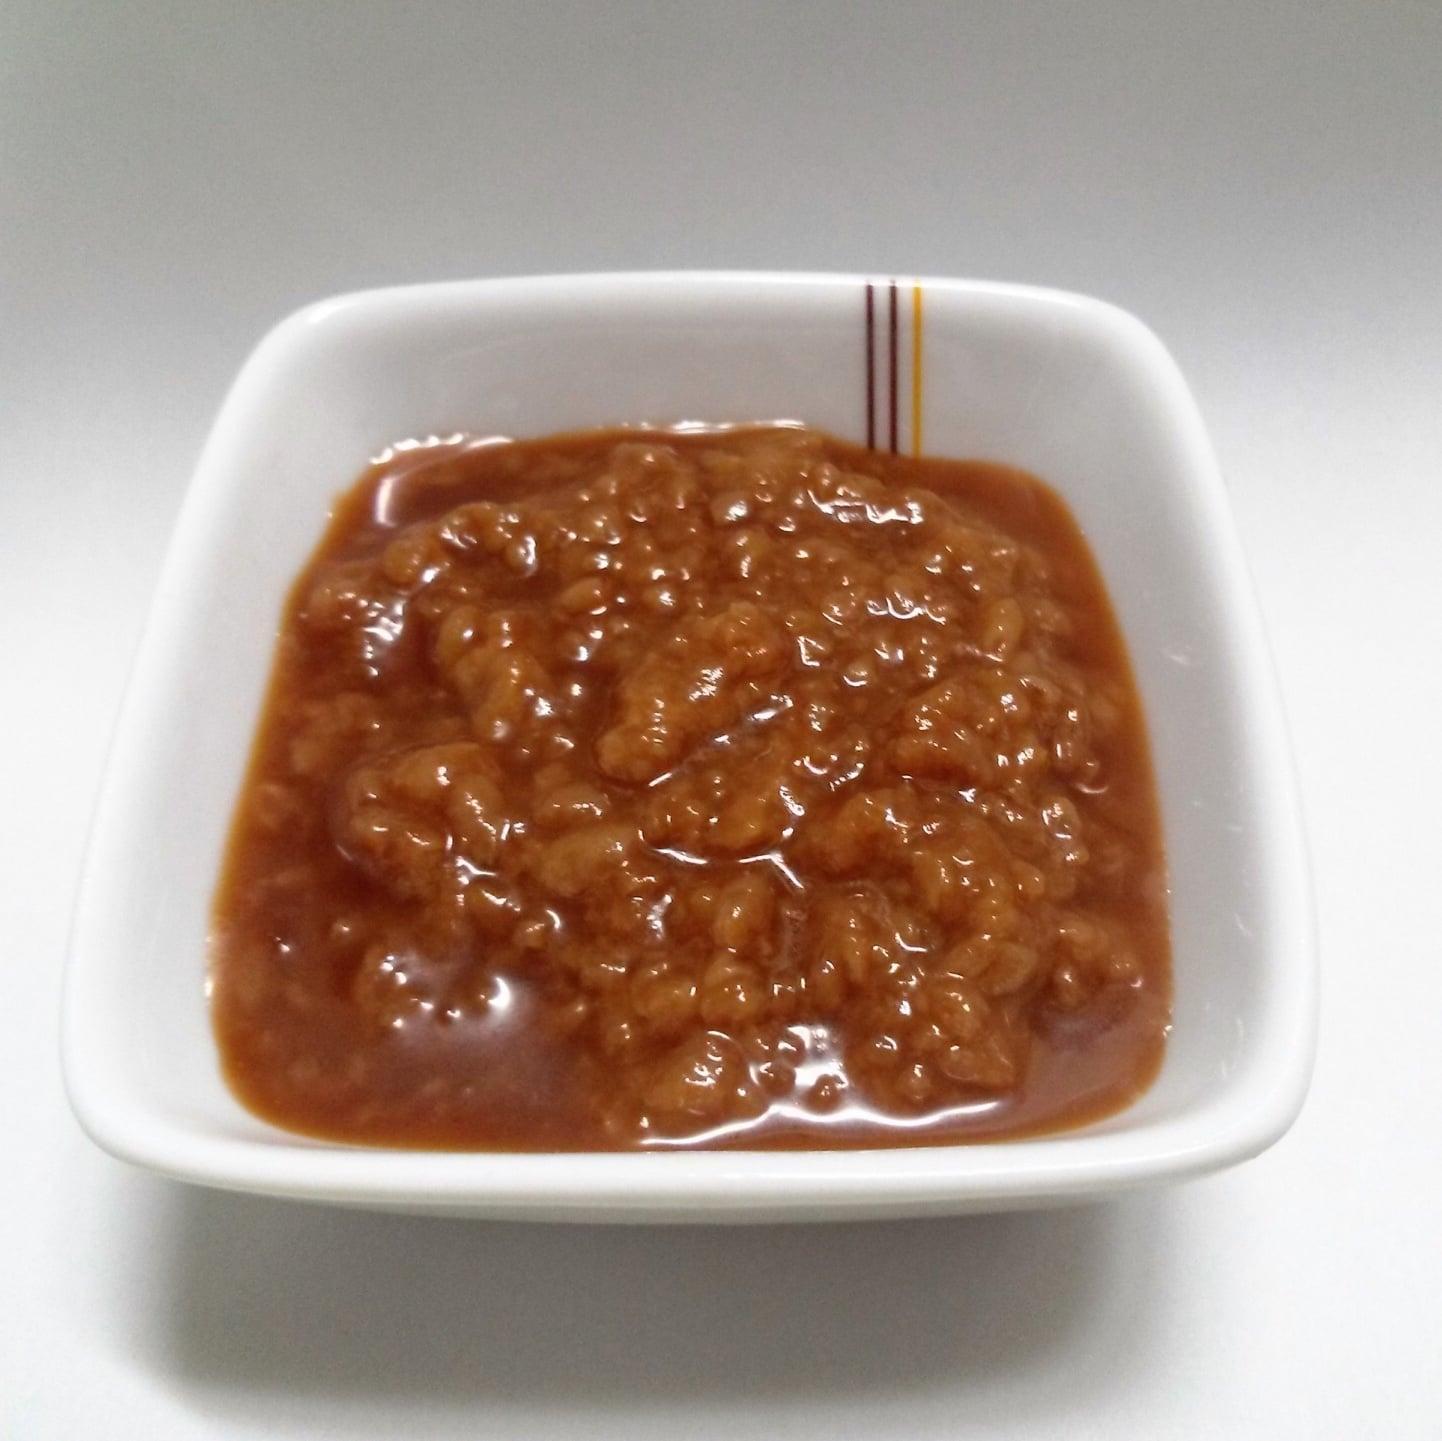 (現地払い)Hakko okazu 塩麹・醤油麹・醤教室 6月26日(水)のイメージその3